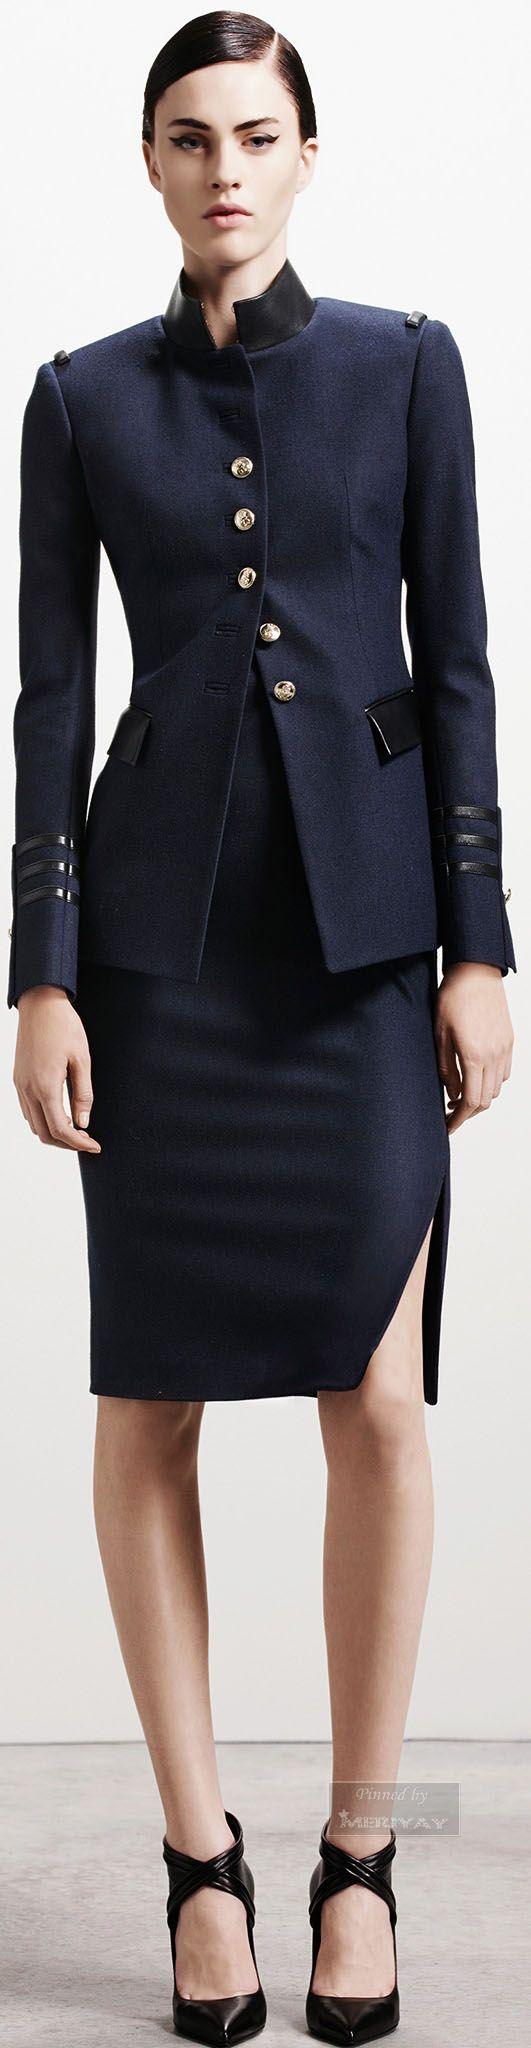 La chaqueta por un lado y la falda por otro, combinadas no me termina de gustar pero por separado son monisimas!!